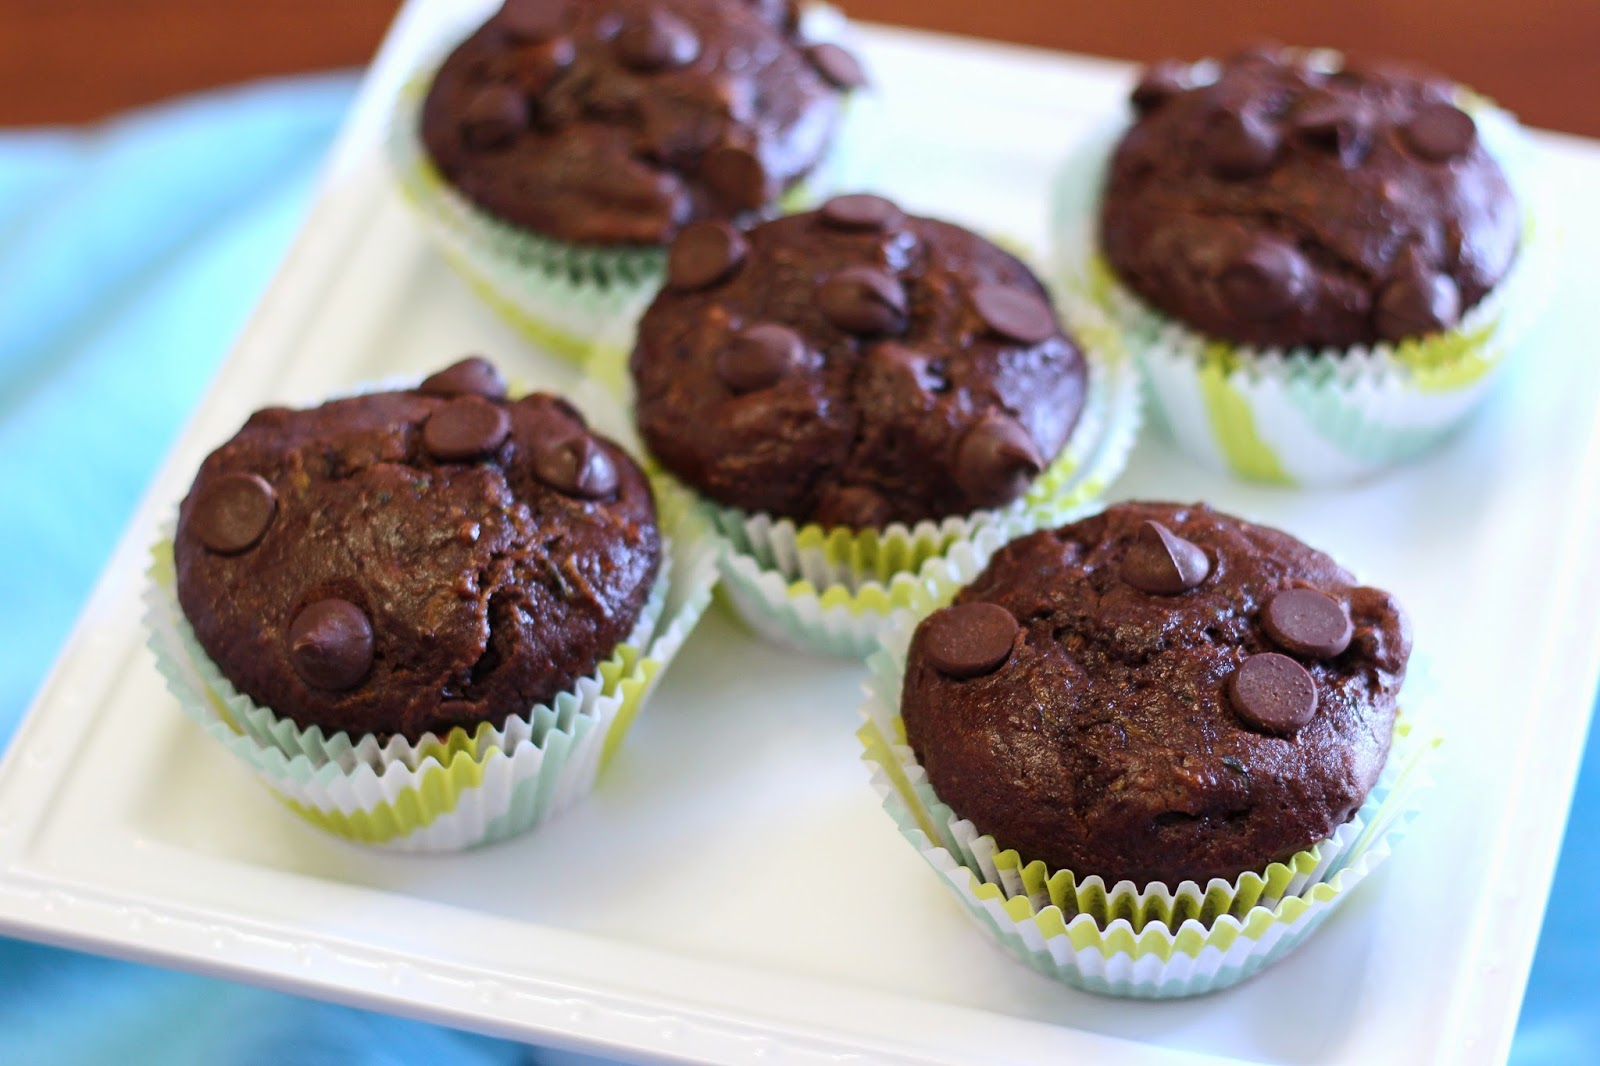 ... free vegan double chocolate zucchini muffins - Sarah Bakes Gluten Free